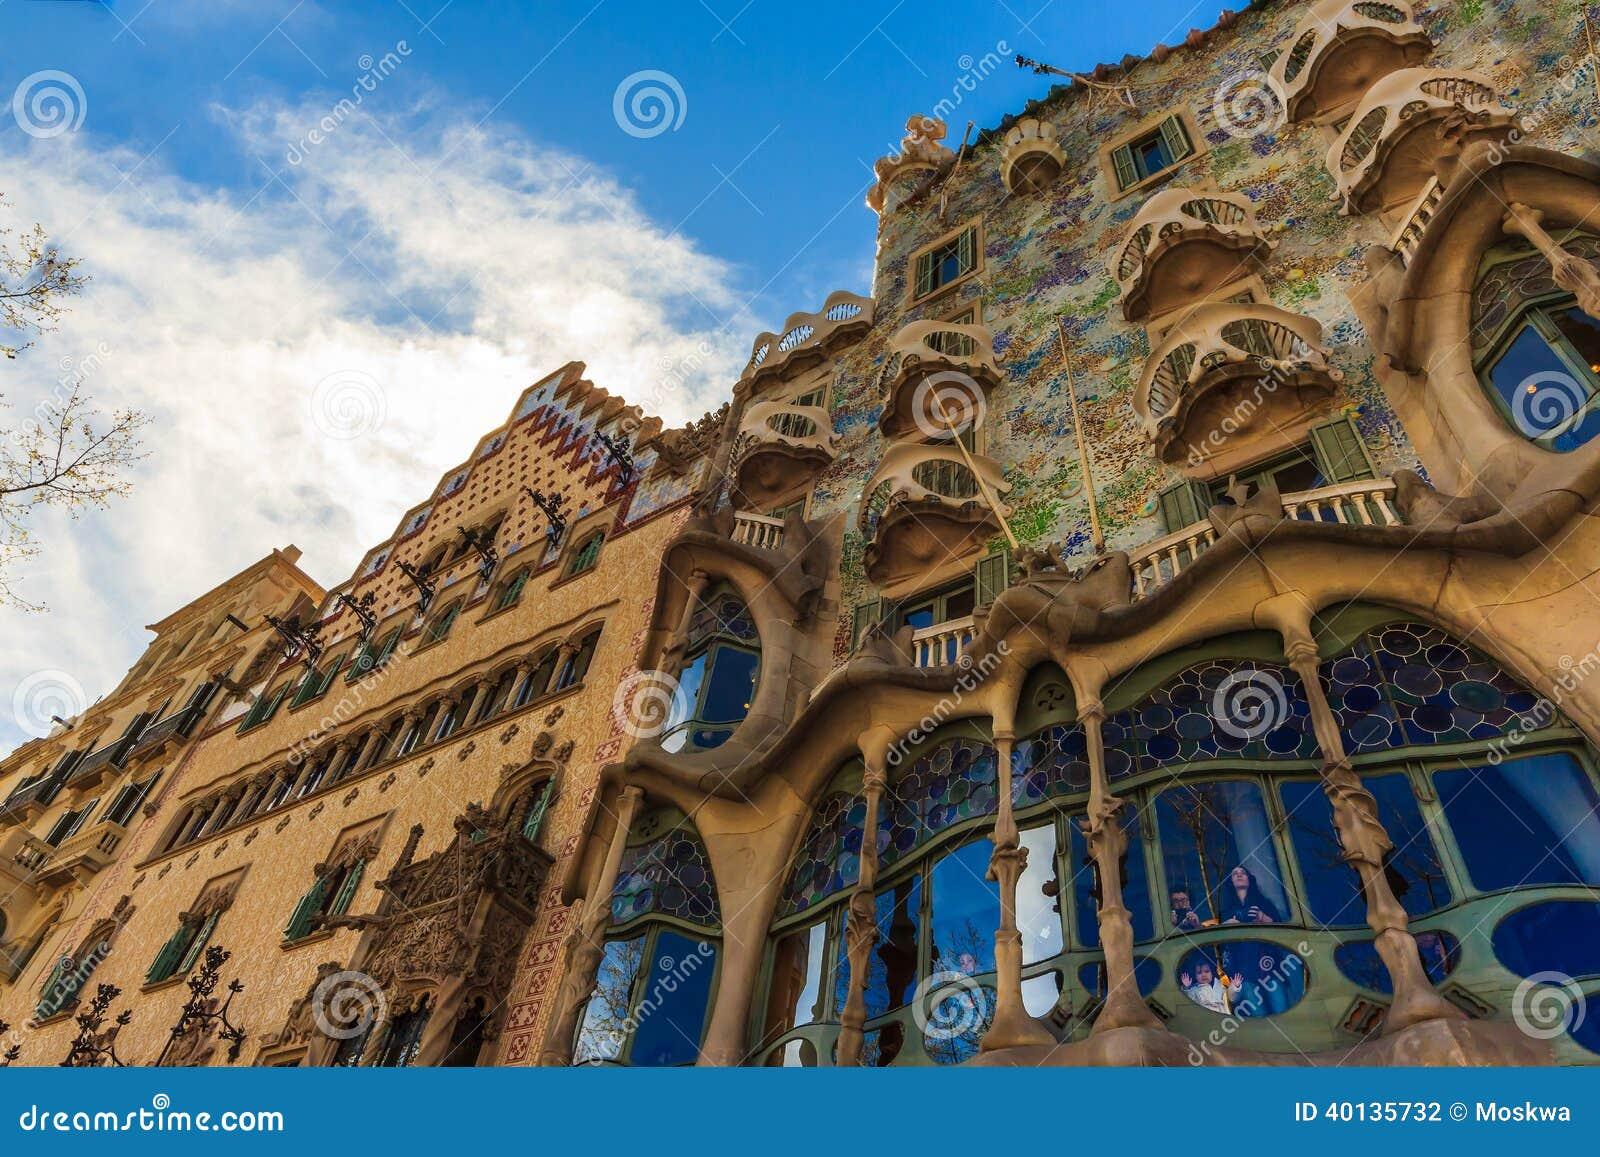 Art nouveau del arquitecto gaudi en barcelona espa a - Arquitectos en espana ...